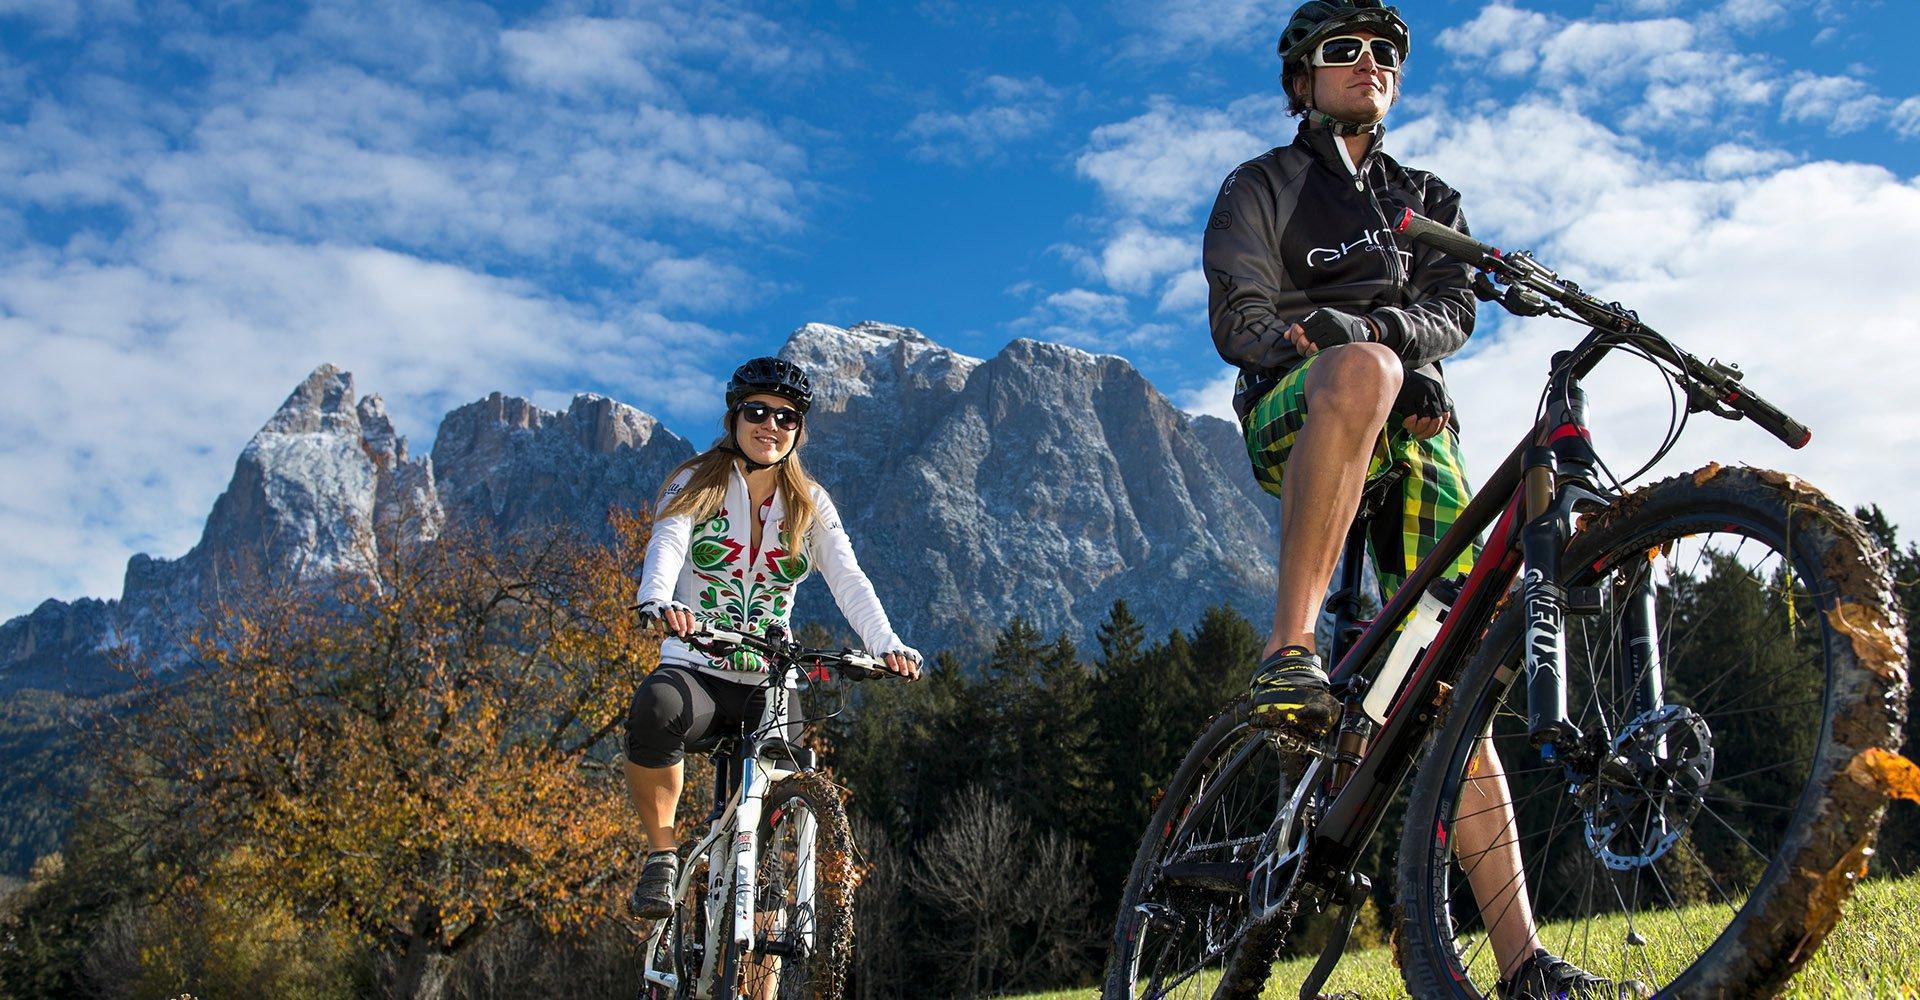 Herbsturlaub in Südtirol 2